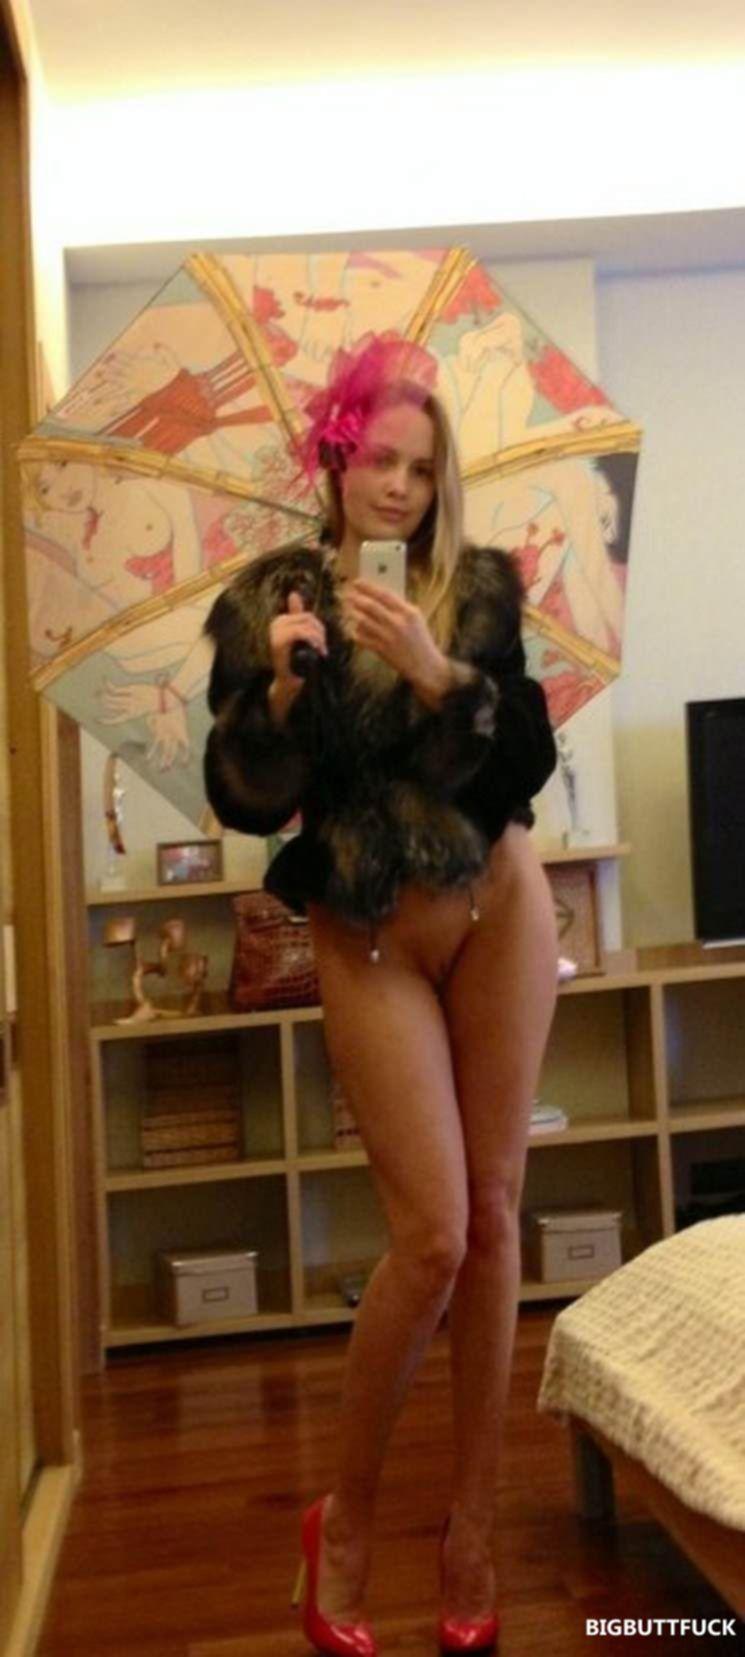 Русская развратница фоткает себя голой перед зеркалом